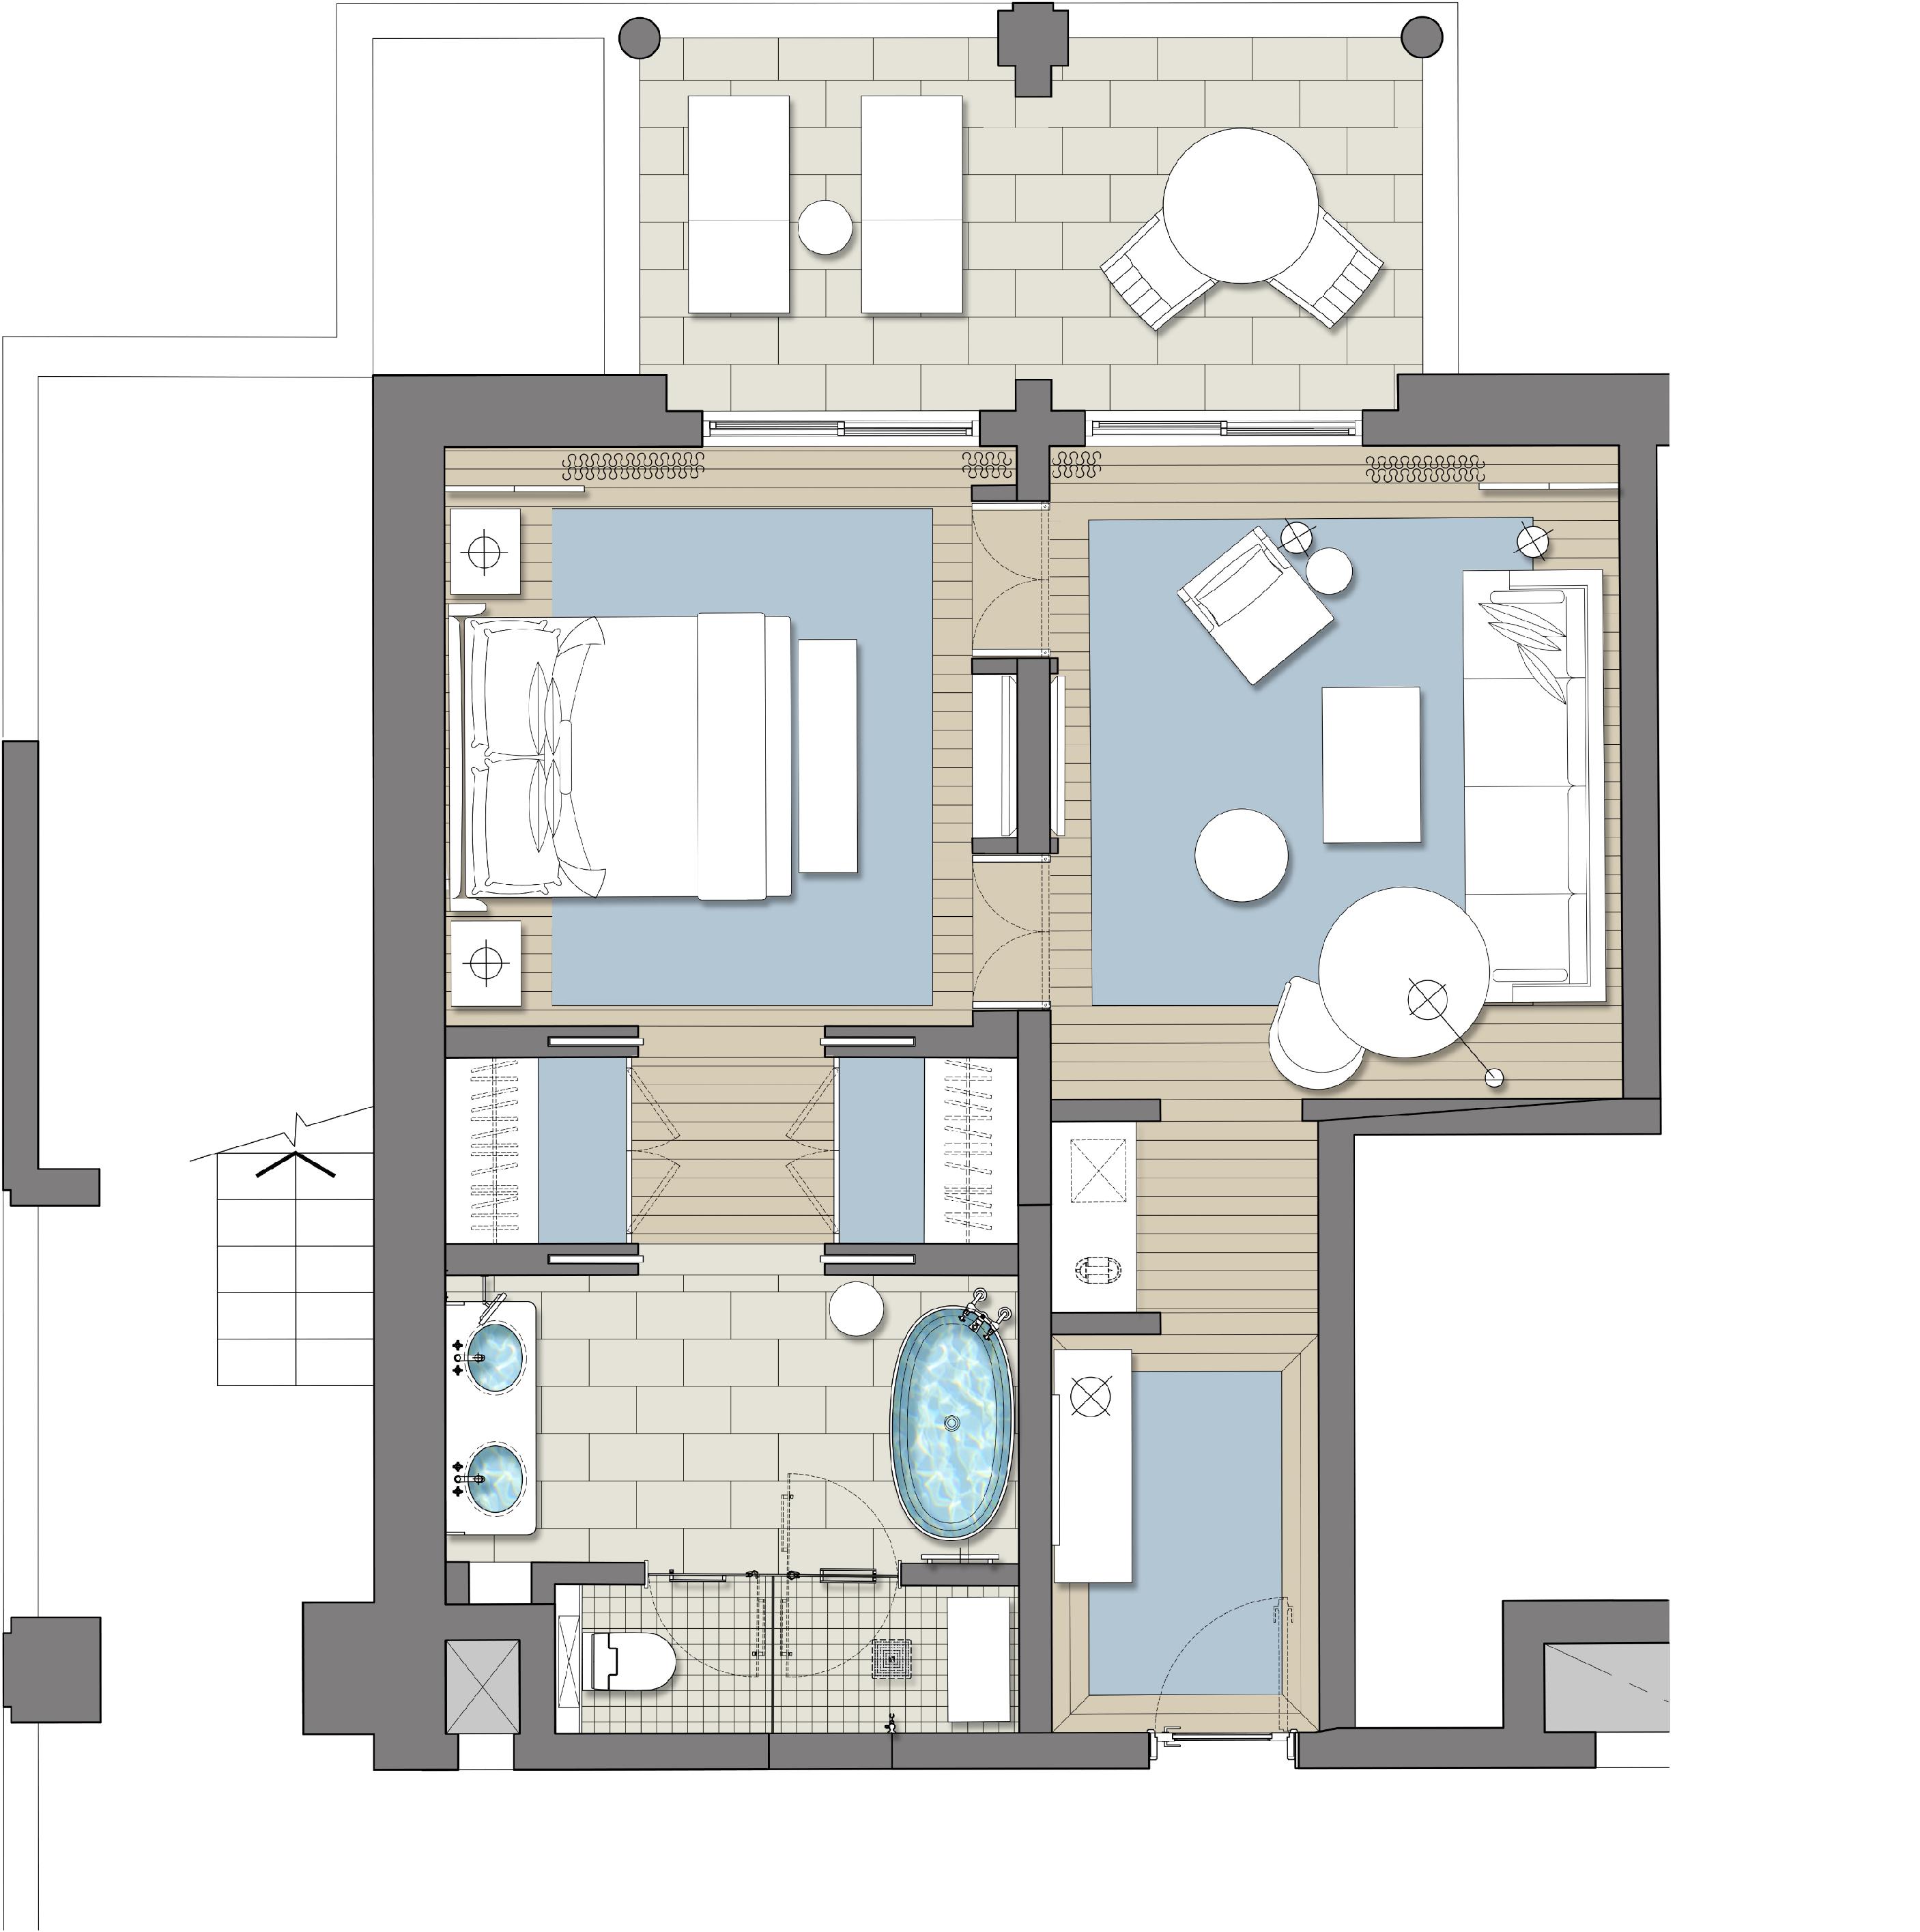 Architectural Designer At Ga Design International Hotel Room Design Hotel Room Design Plan Hotel Bedroom Design